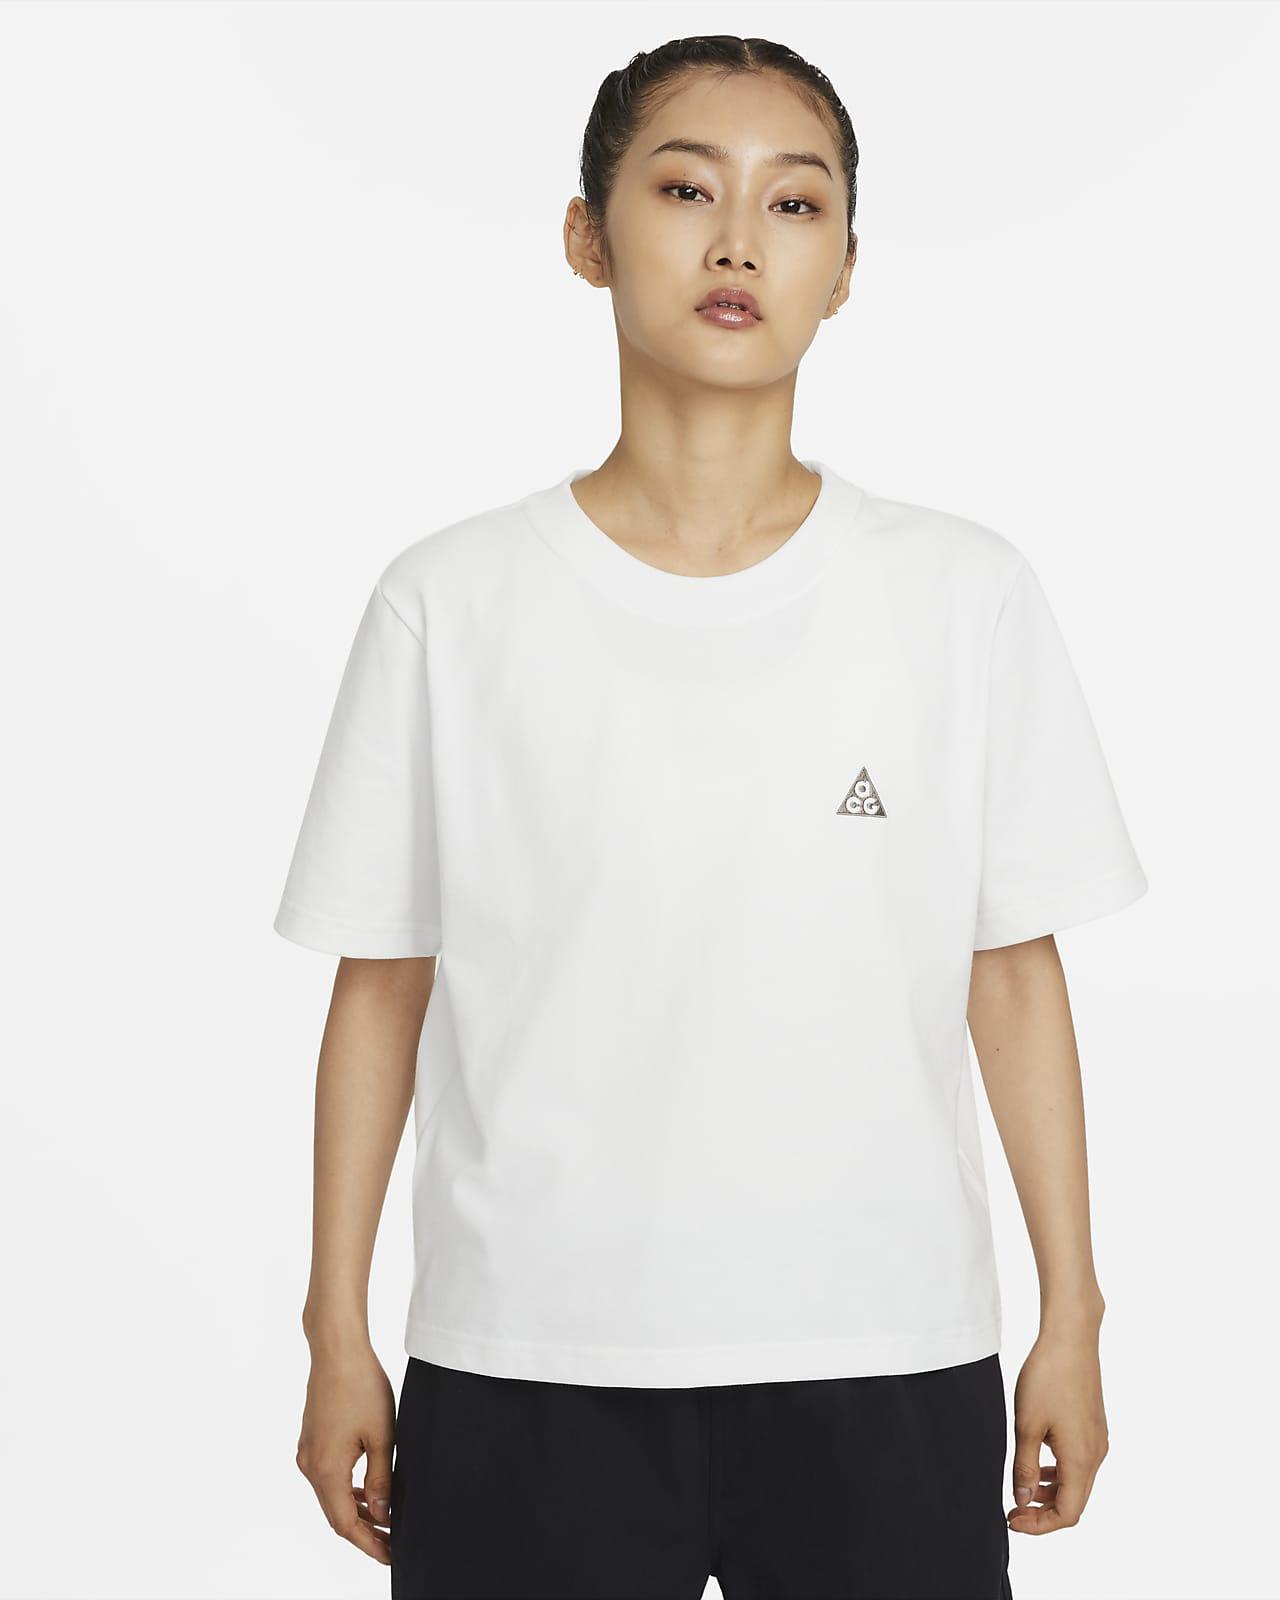 ナイキ ACG ウィメンズ ショートスリーブ Tシャツ